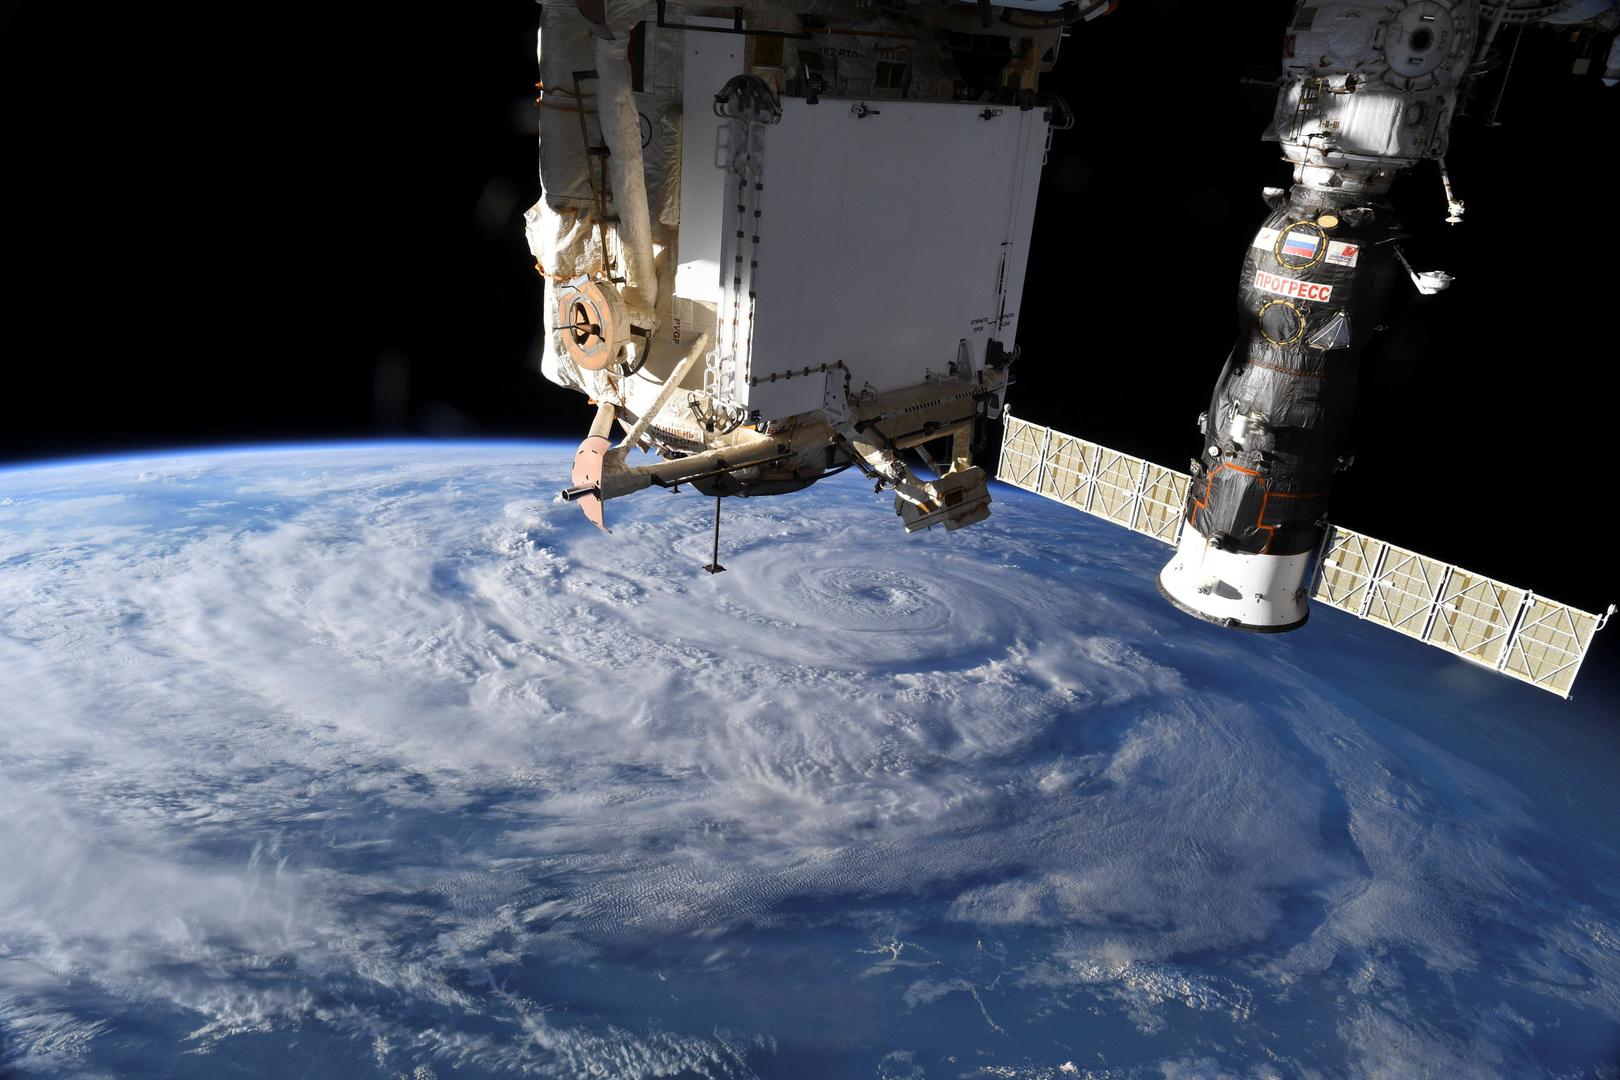 طاقم المحطة الفضائية الدولية يحدد السبب المحتمل لظهور الشق فيها